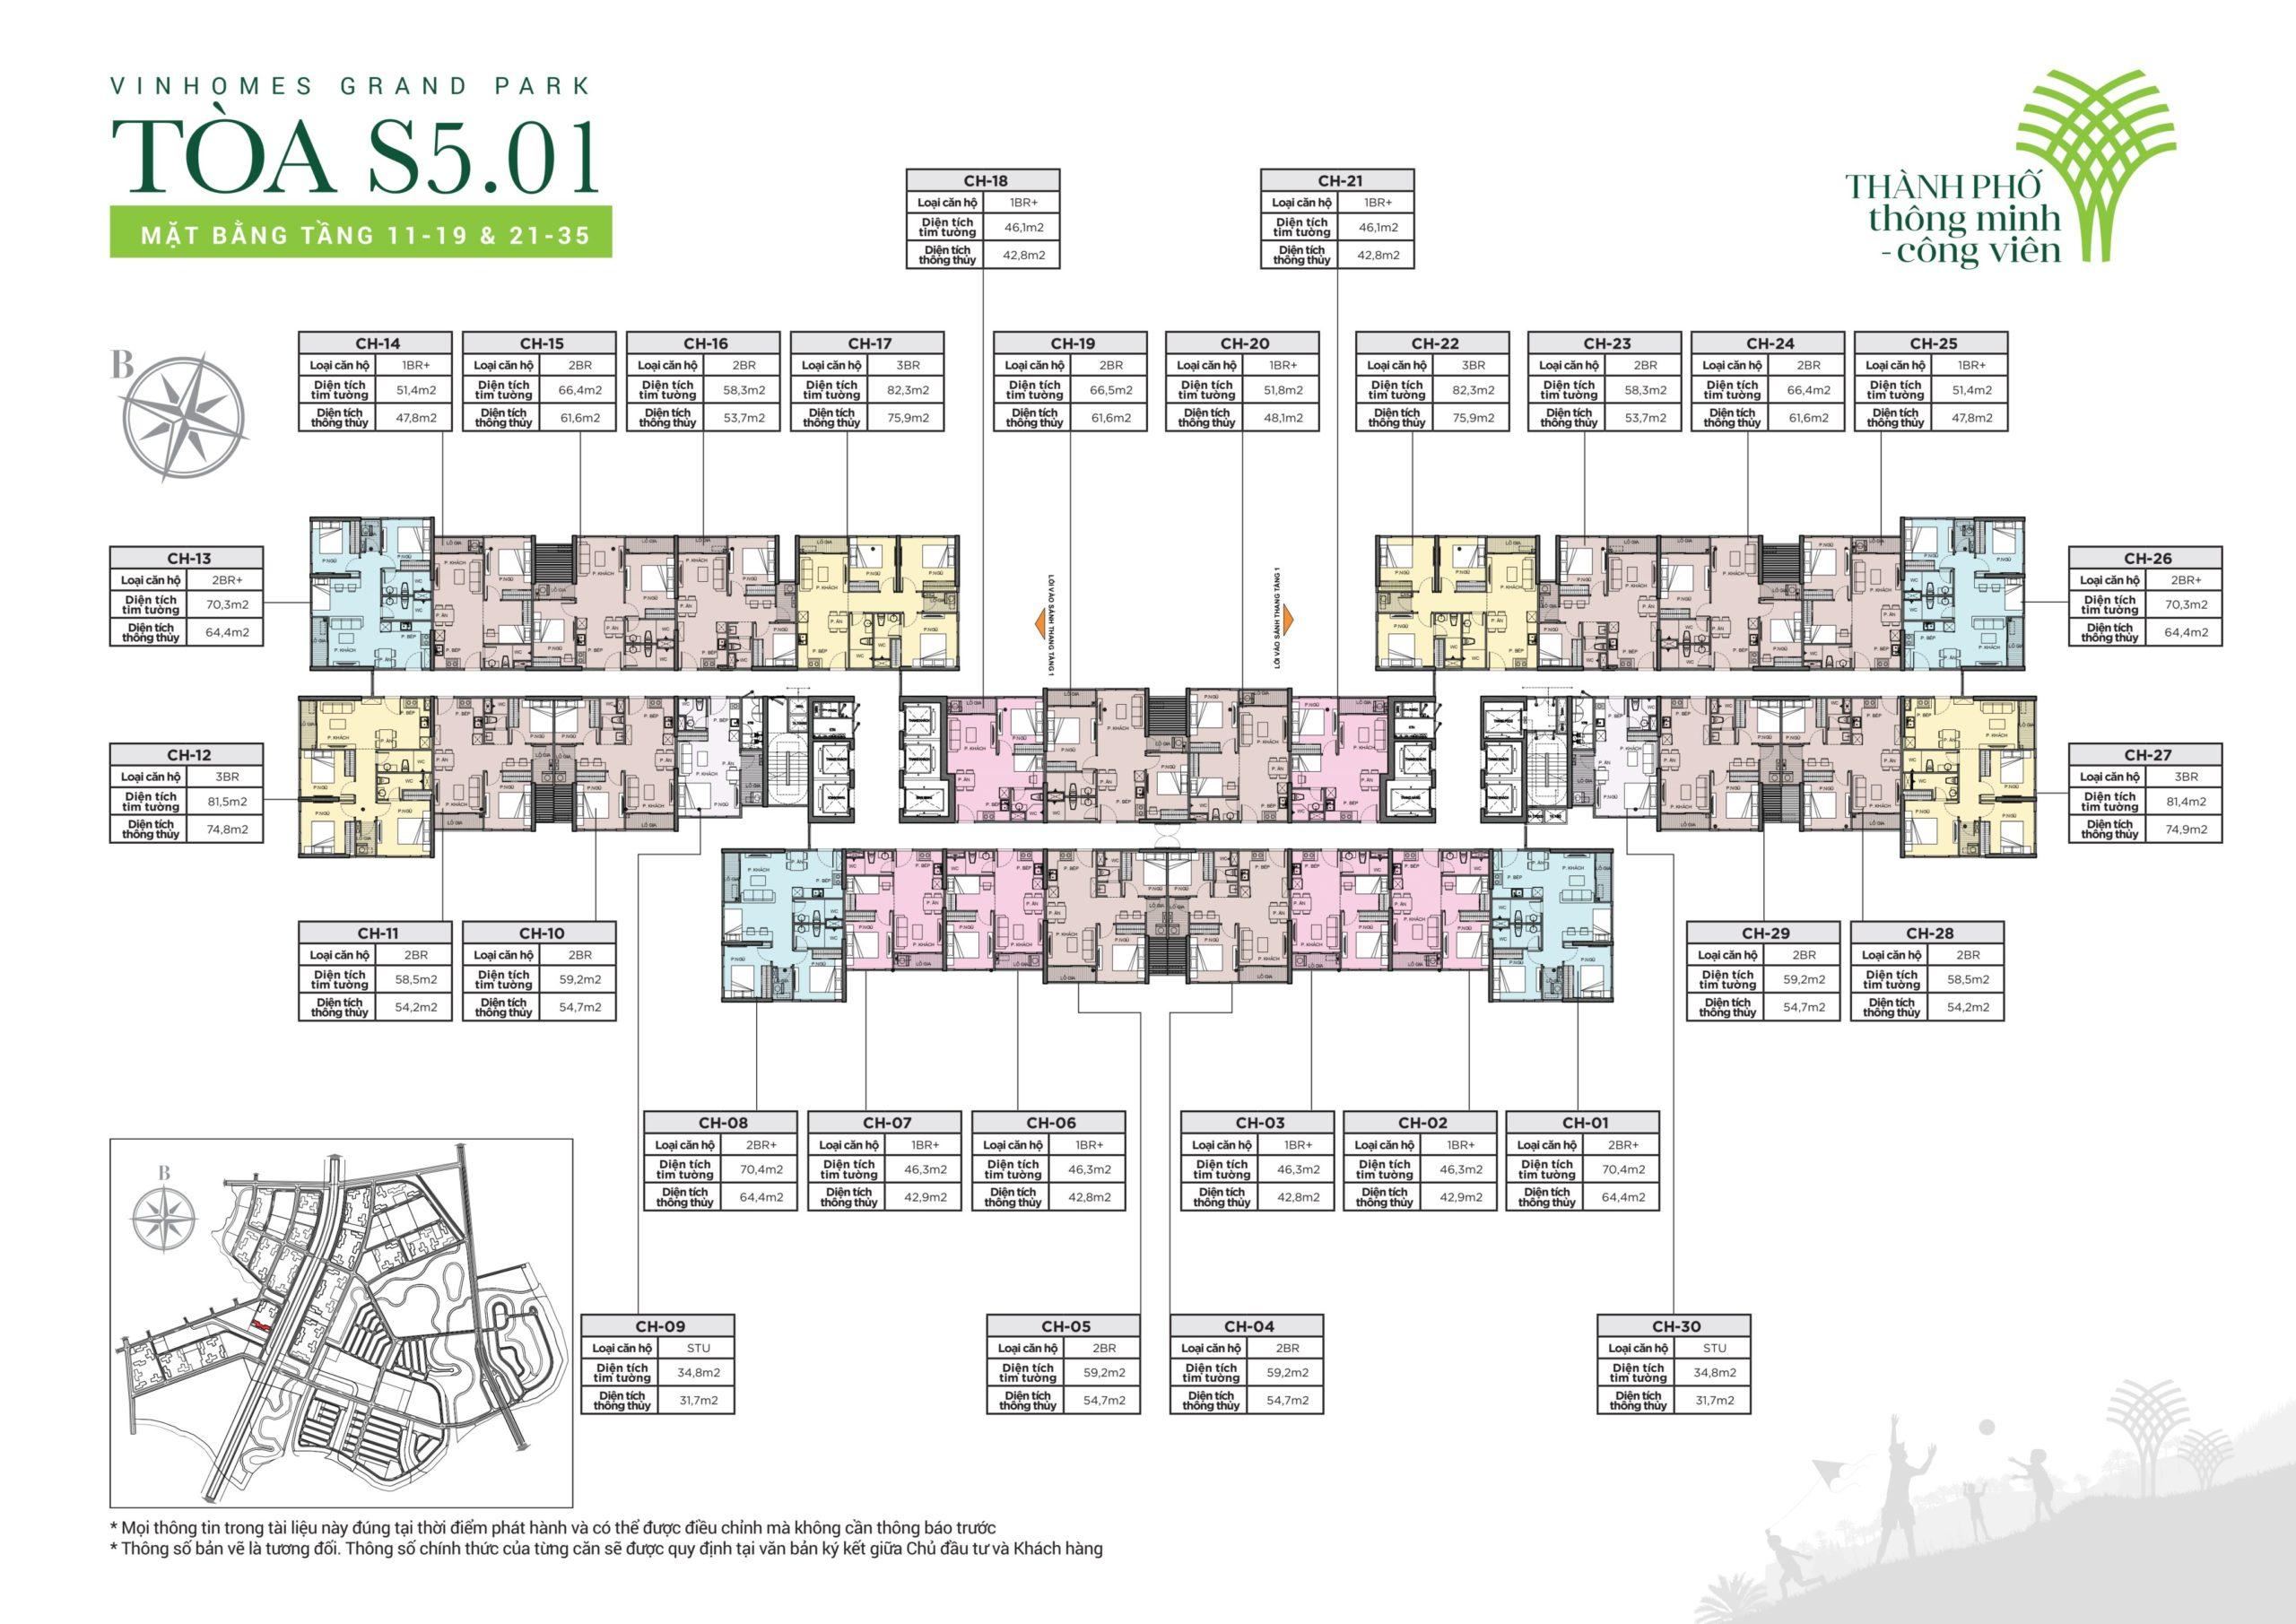 Mặt bằng tầng tòa S501 Vinhomes Grand Park